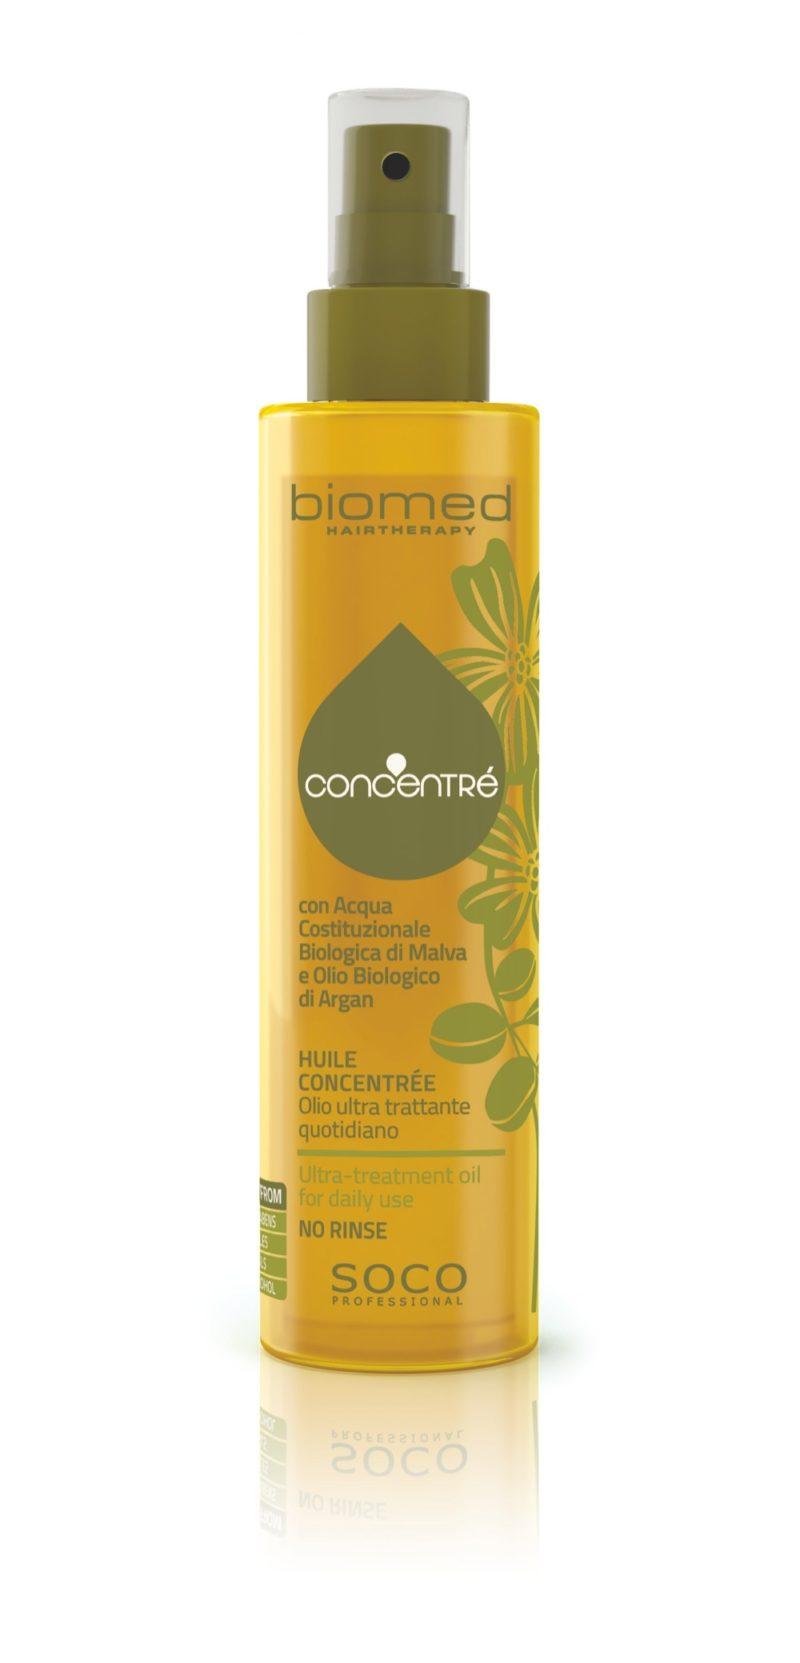 olio-per-capelli-come-si-usa-e-per-chi-e-adatto-BIOMEDHairtherapy_LineaConcentré_Olio